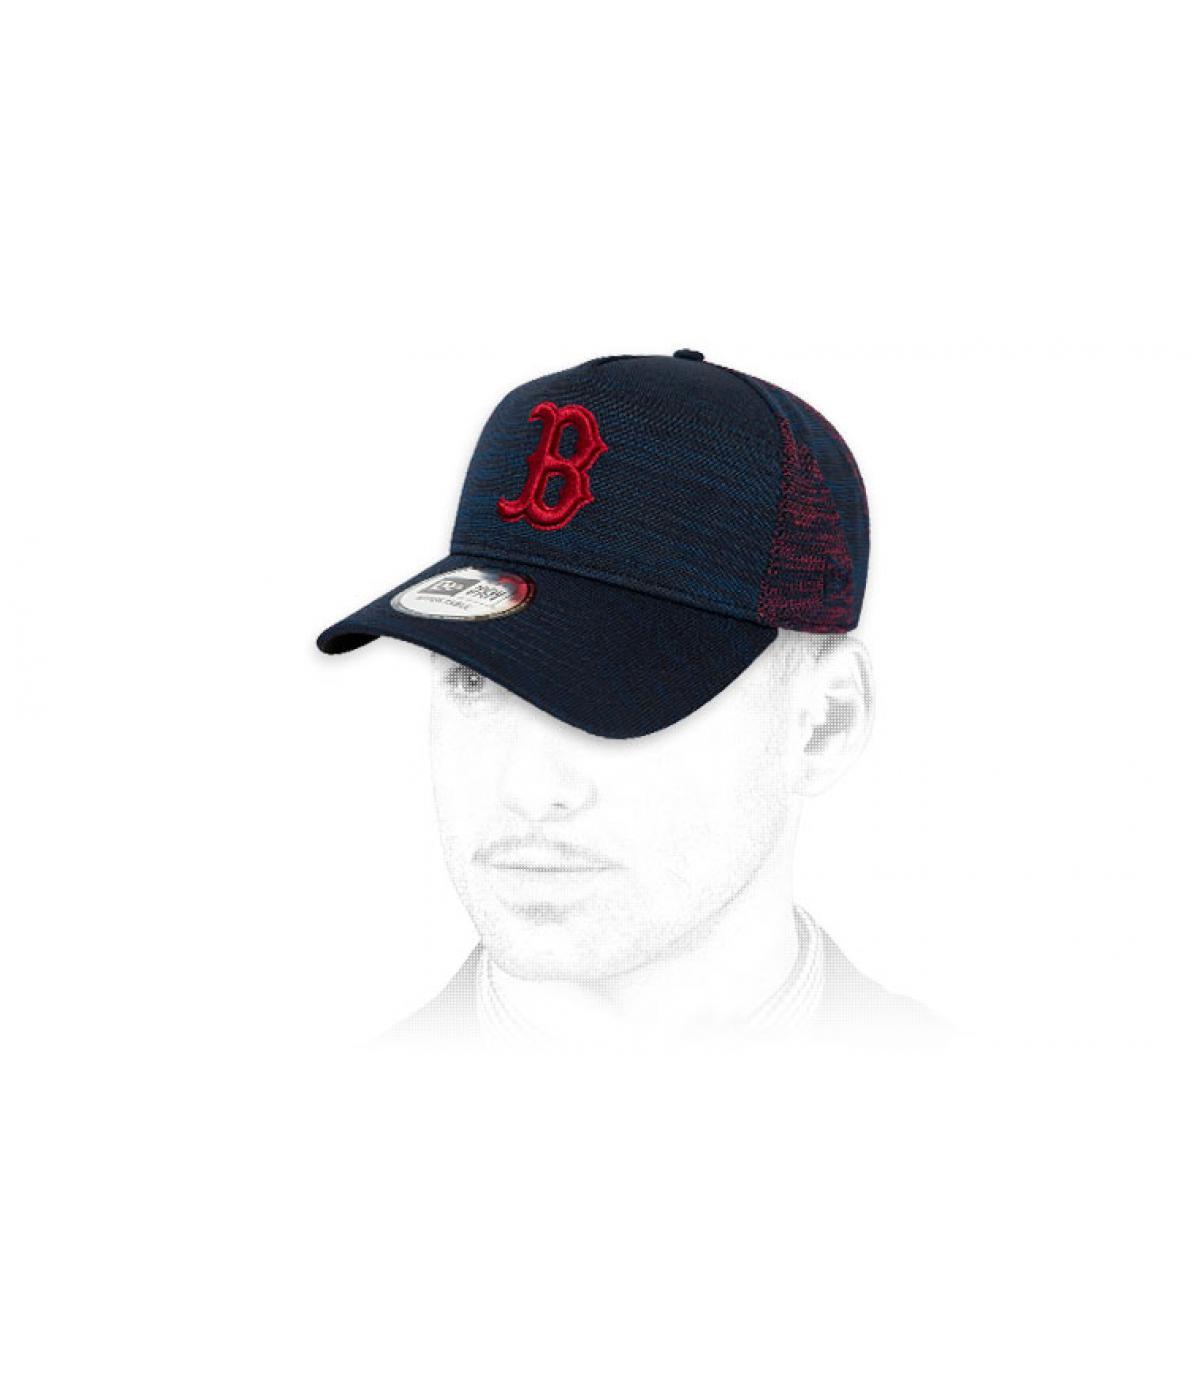 B cap blue red